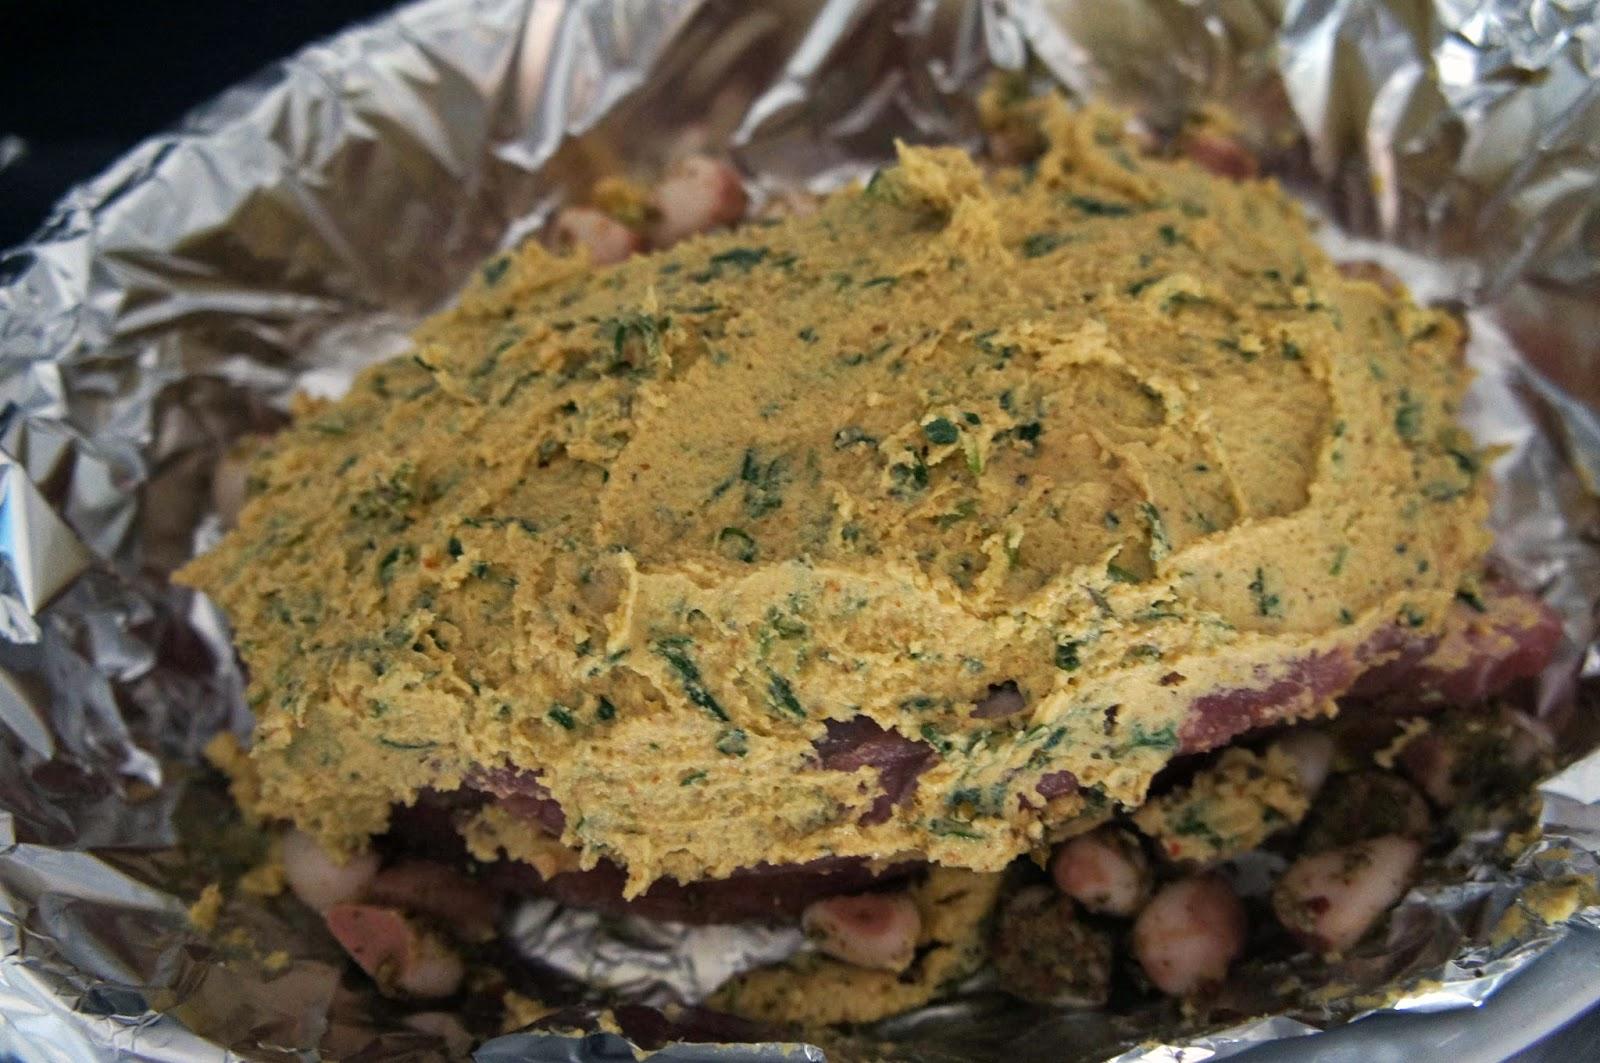 Picanha suína assada temperada com mostarda e ervas